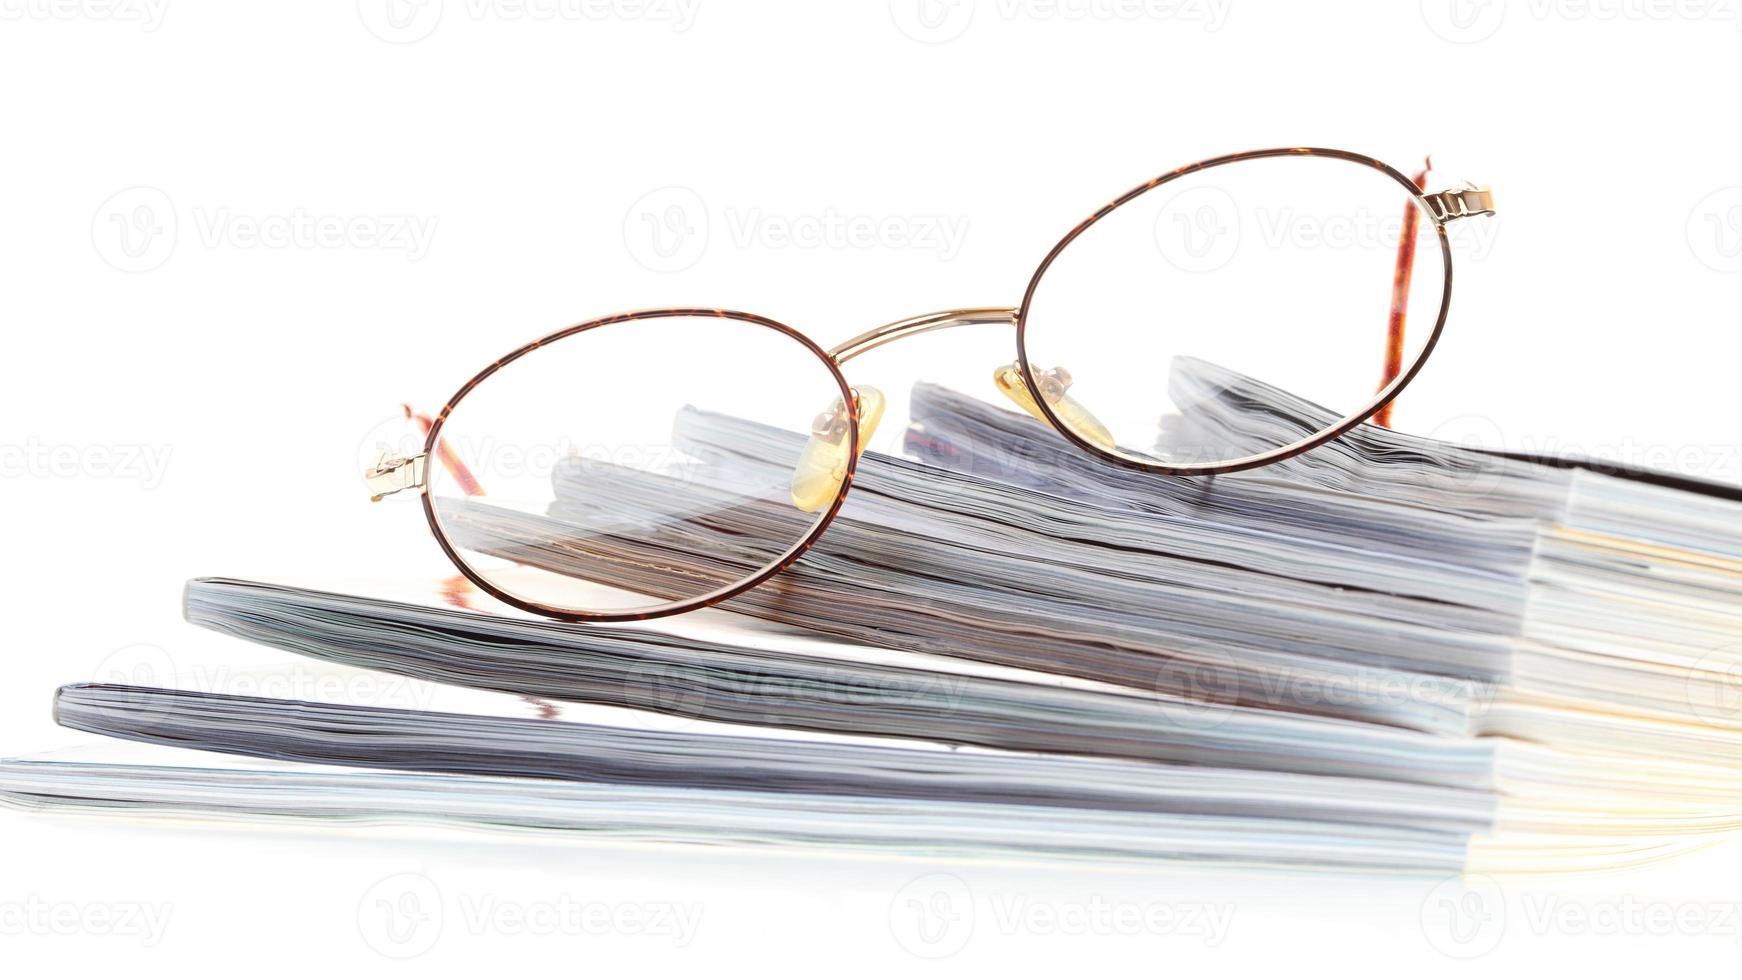 lunettes ebook reader isolé sur blanc photo